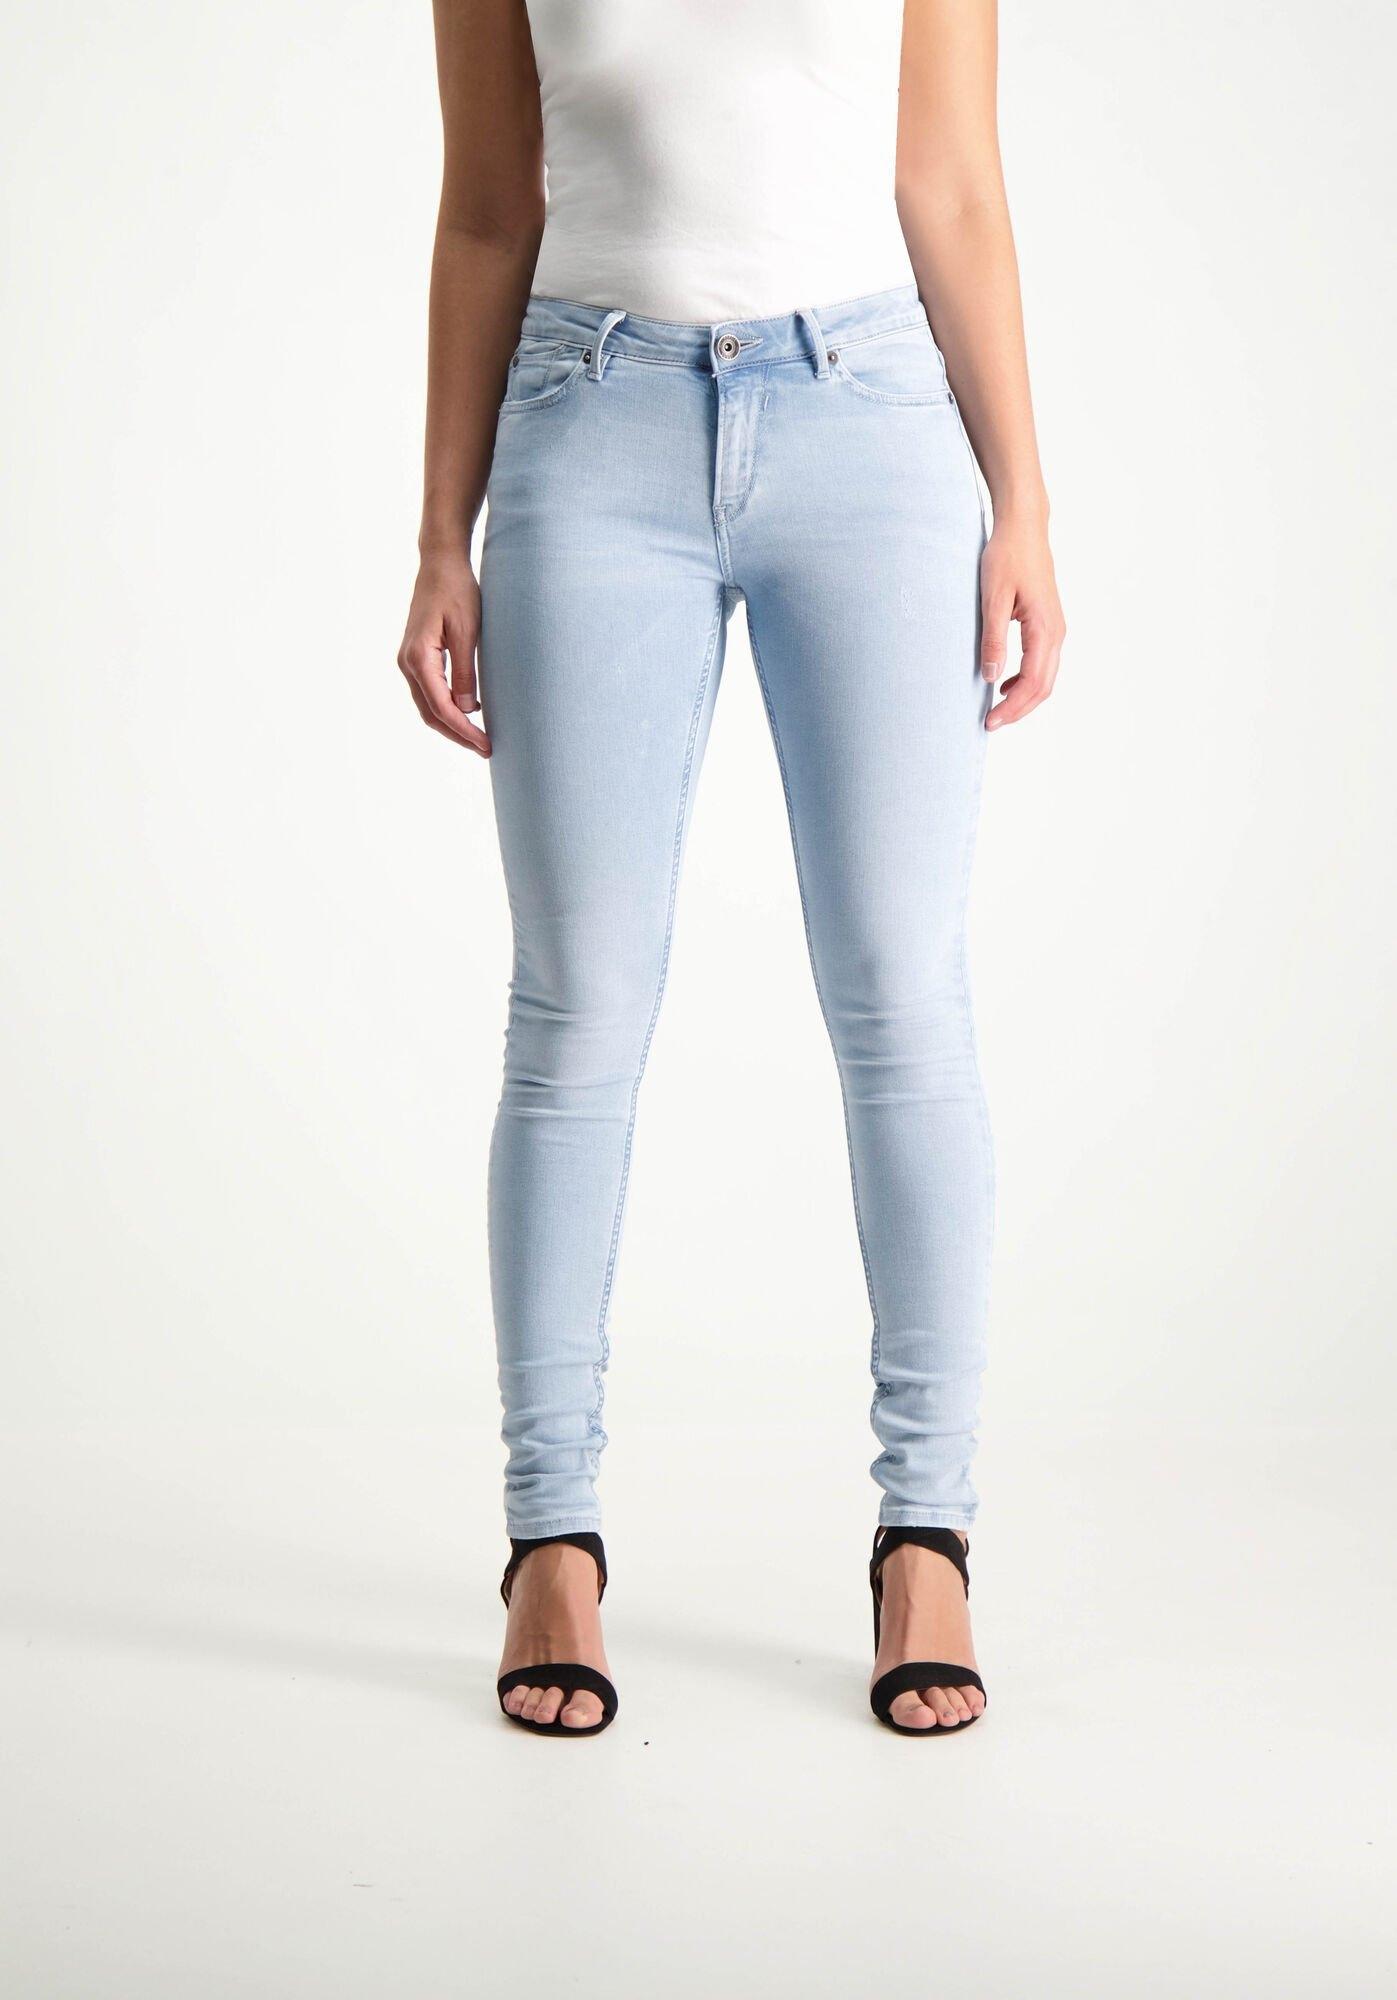 Garcia Skinny jeans van Garcia online kopen op otto.nl